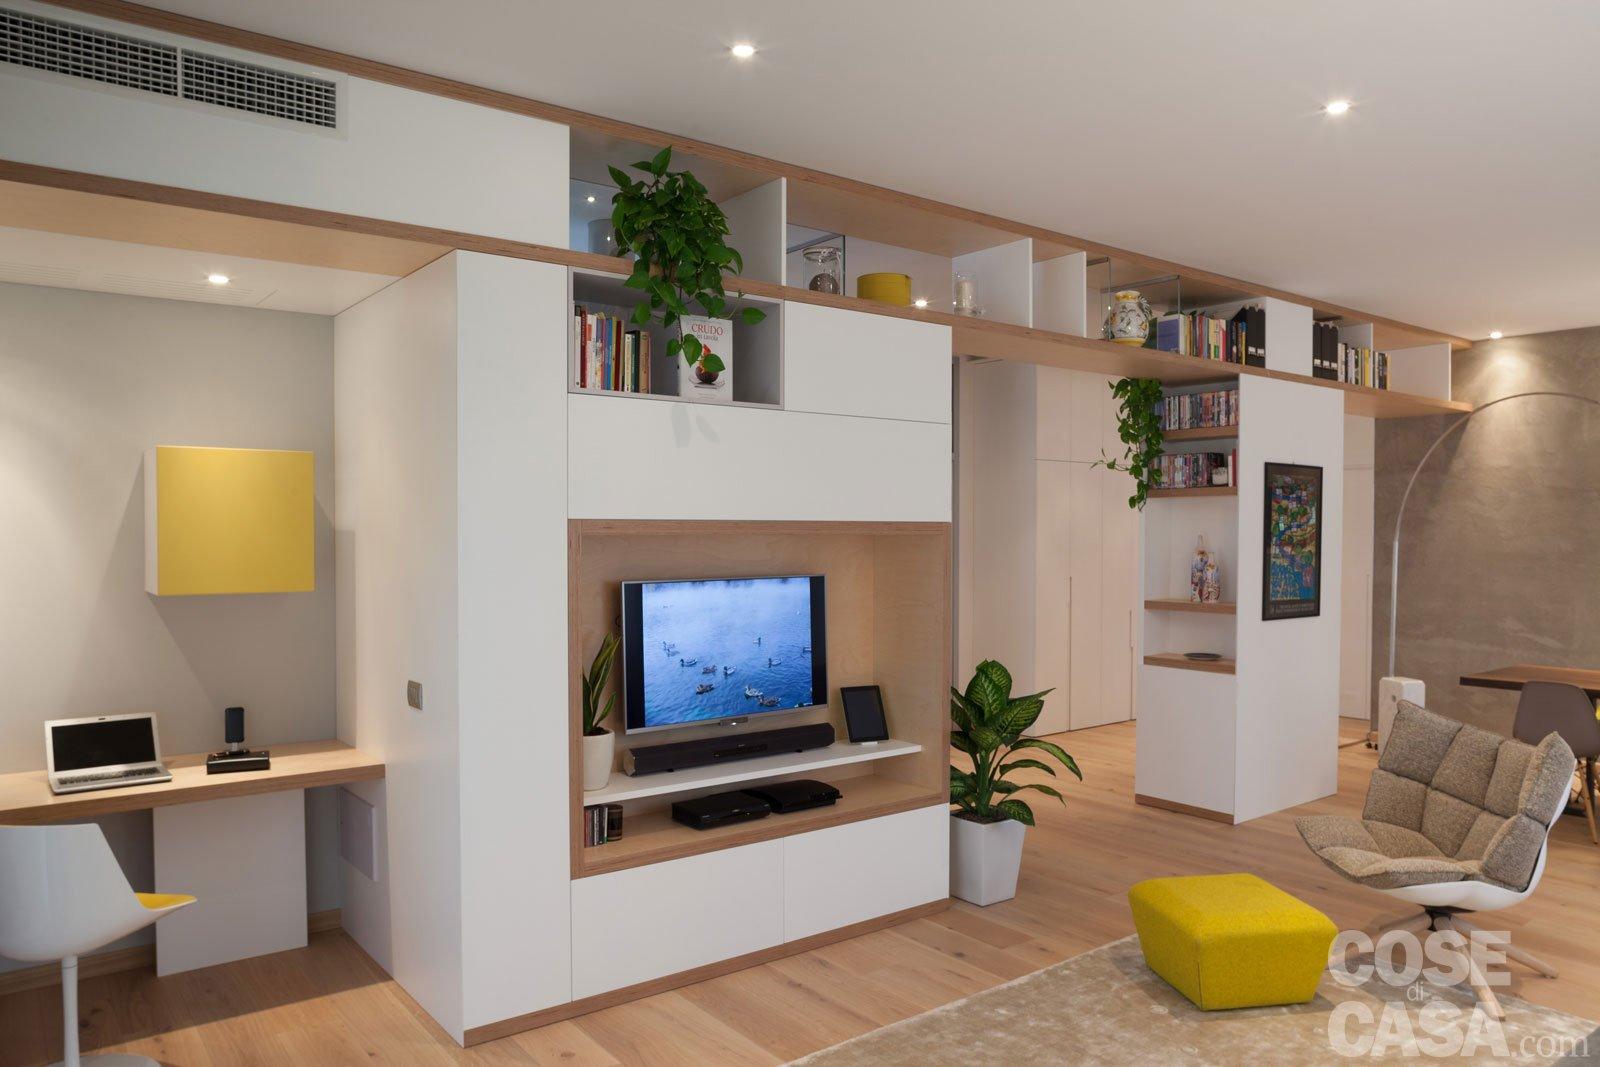 Maxi trilocale design e ispirazioni scandinave per la for Progetti appartamenti moderni